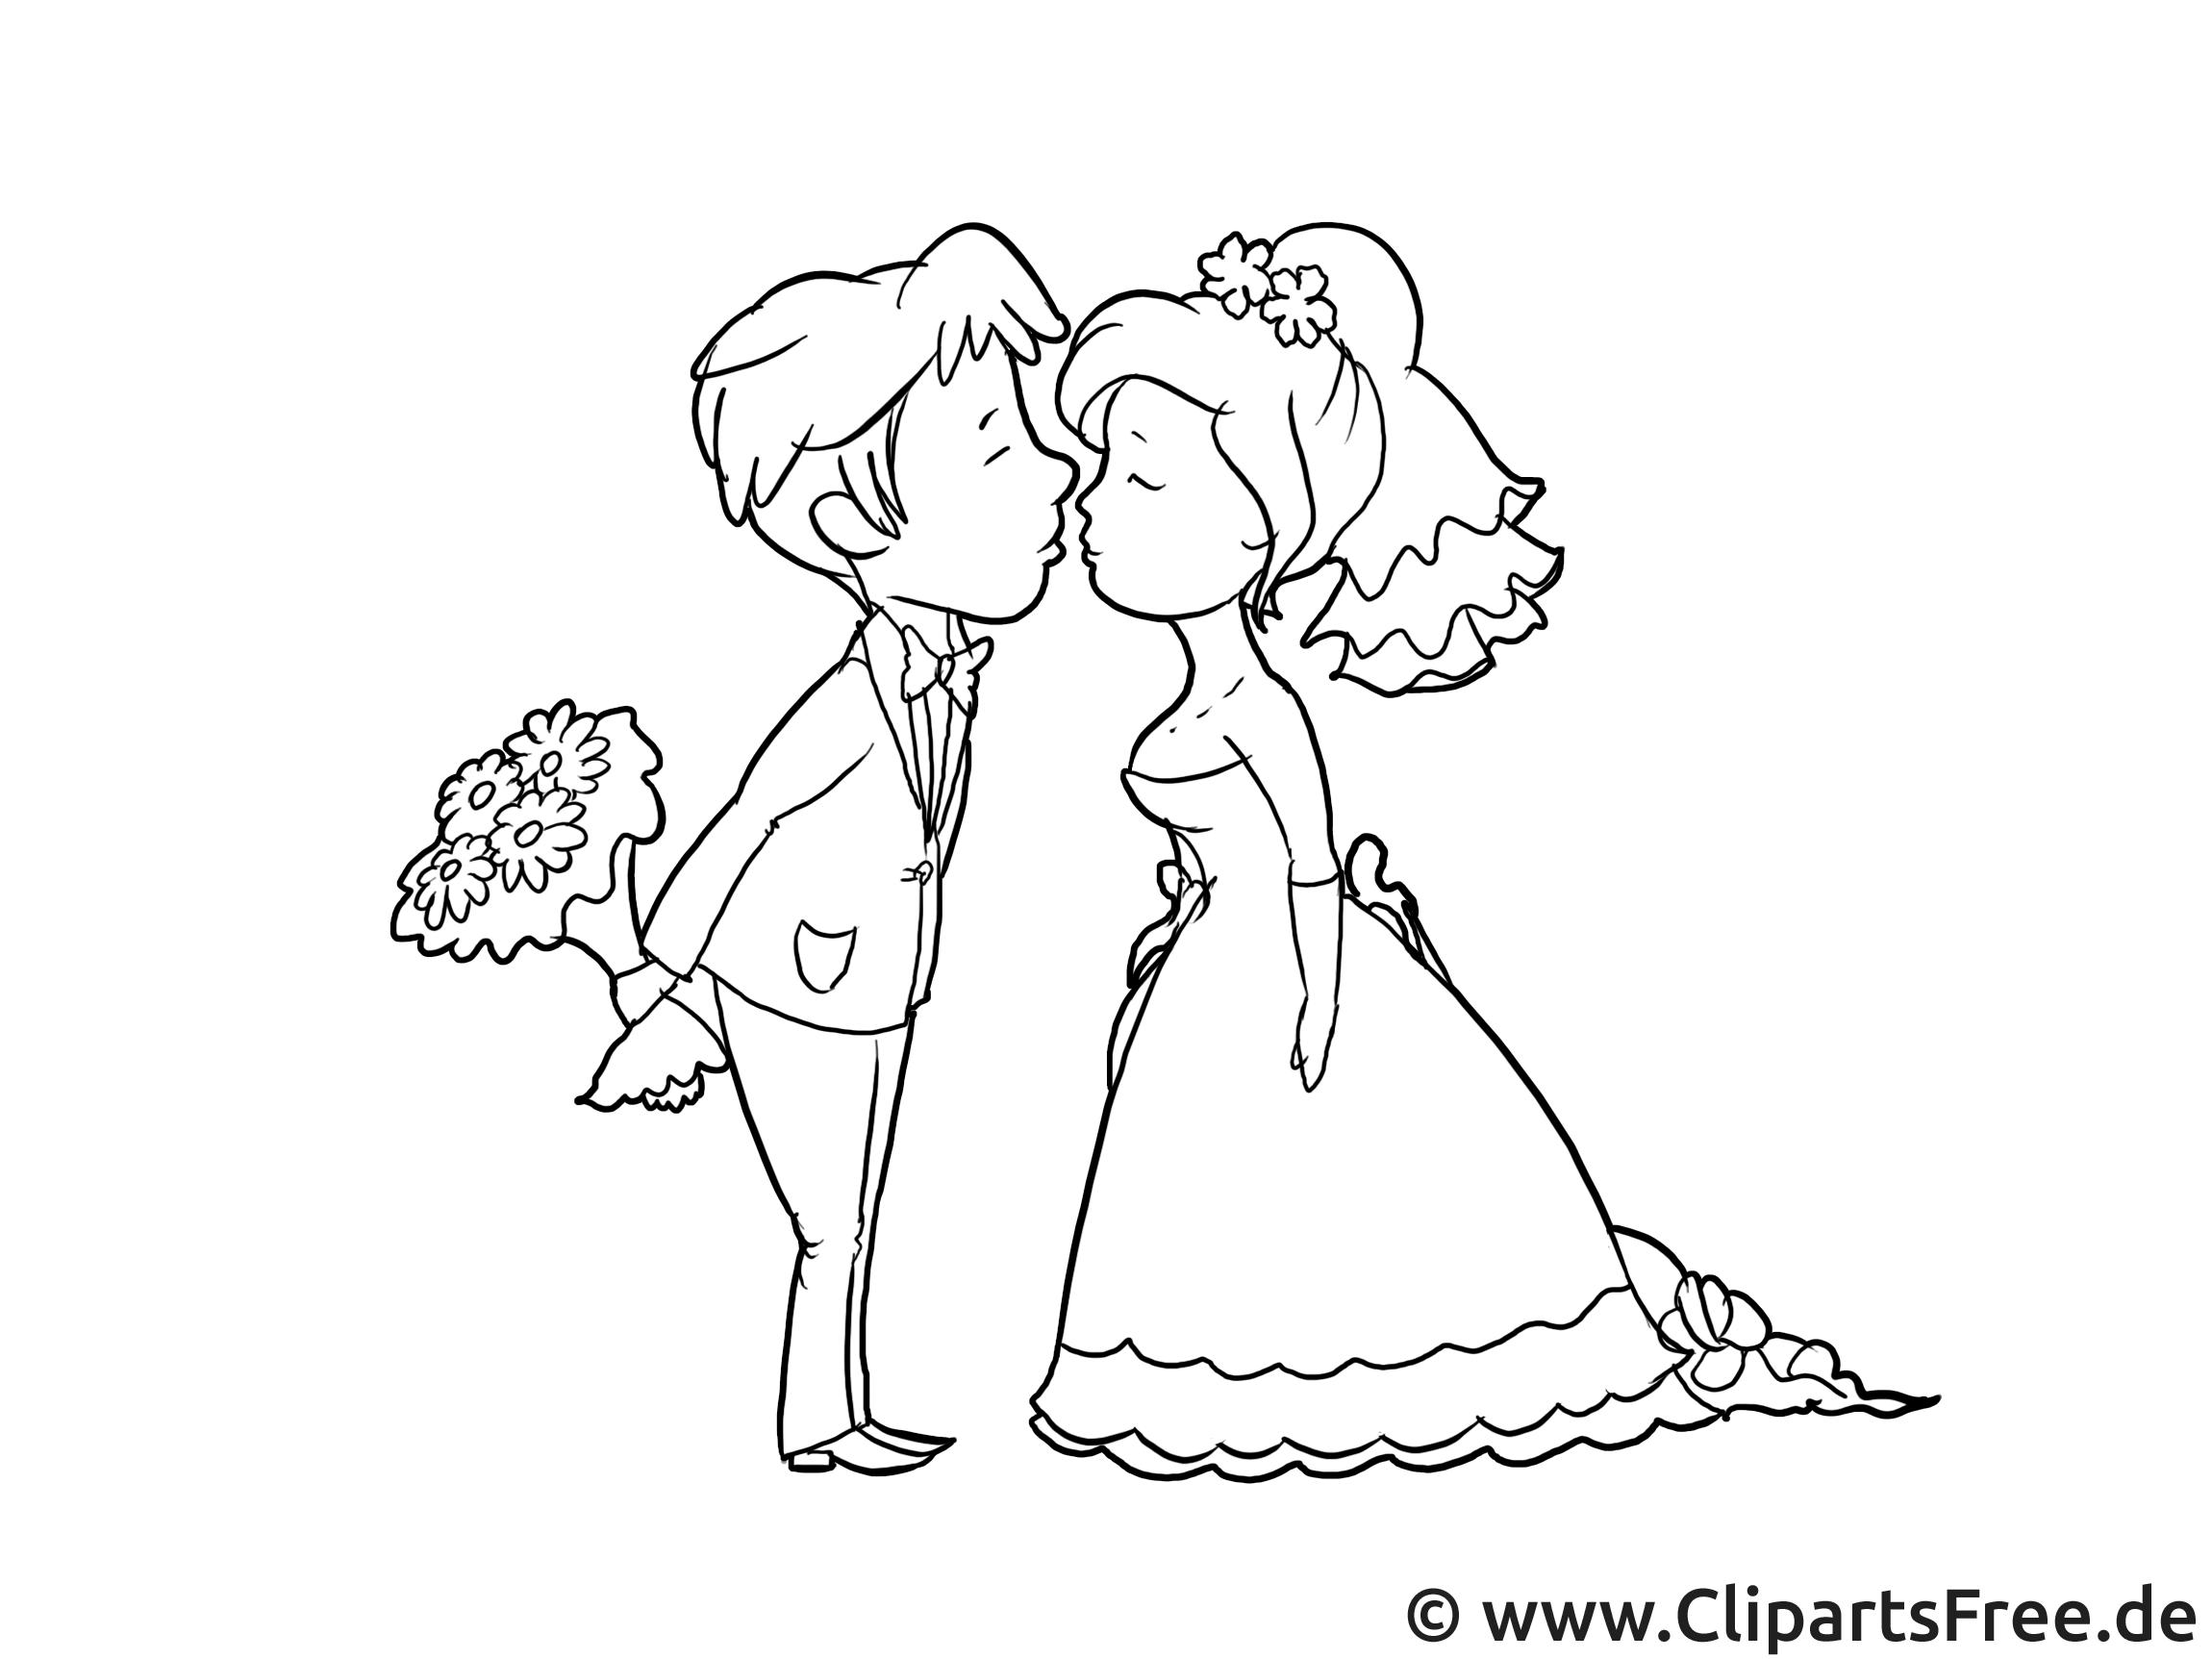 Cliparts à imprimer couple - Mariage images